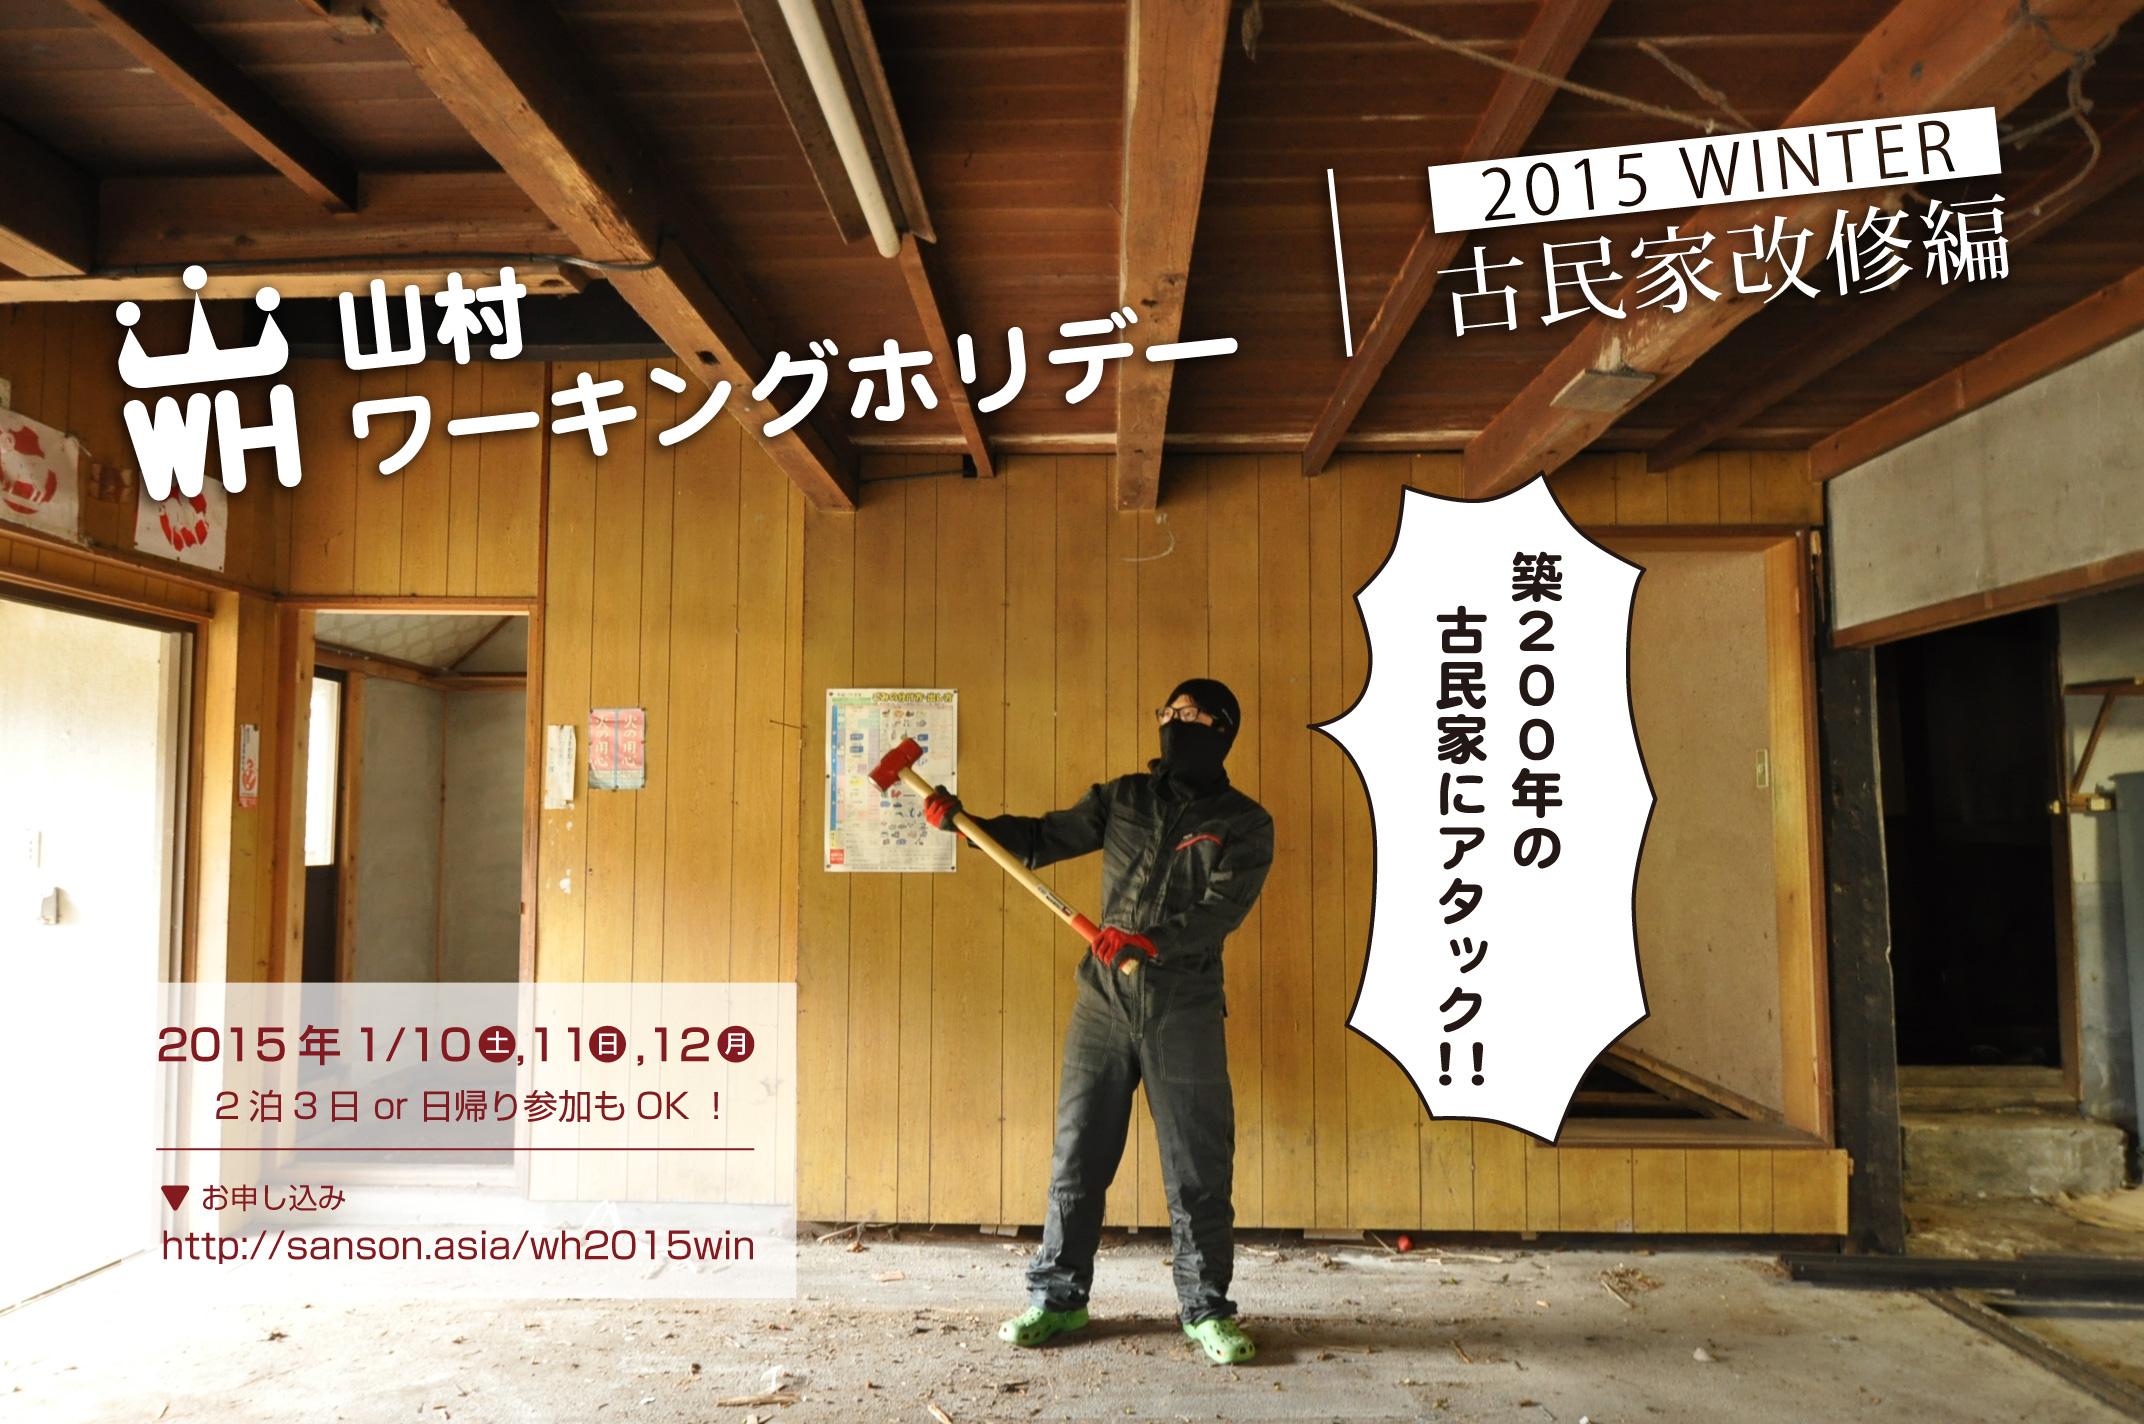 山村ワーキングホリデー2015WINTERチラシ